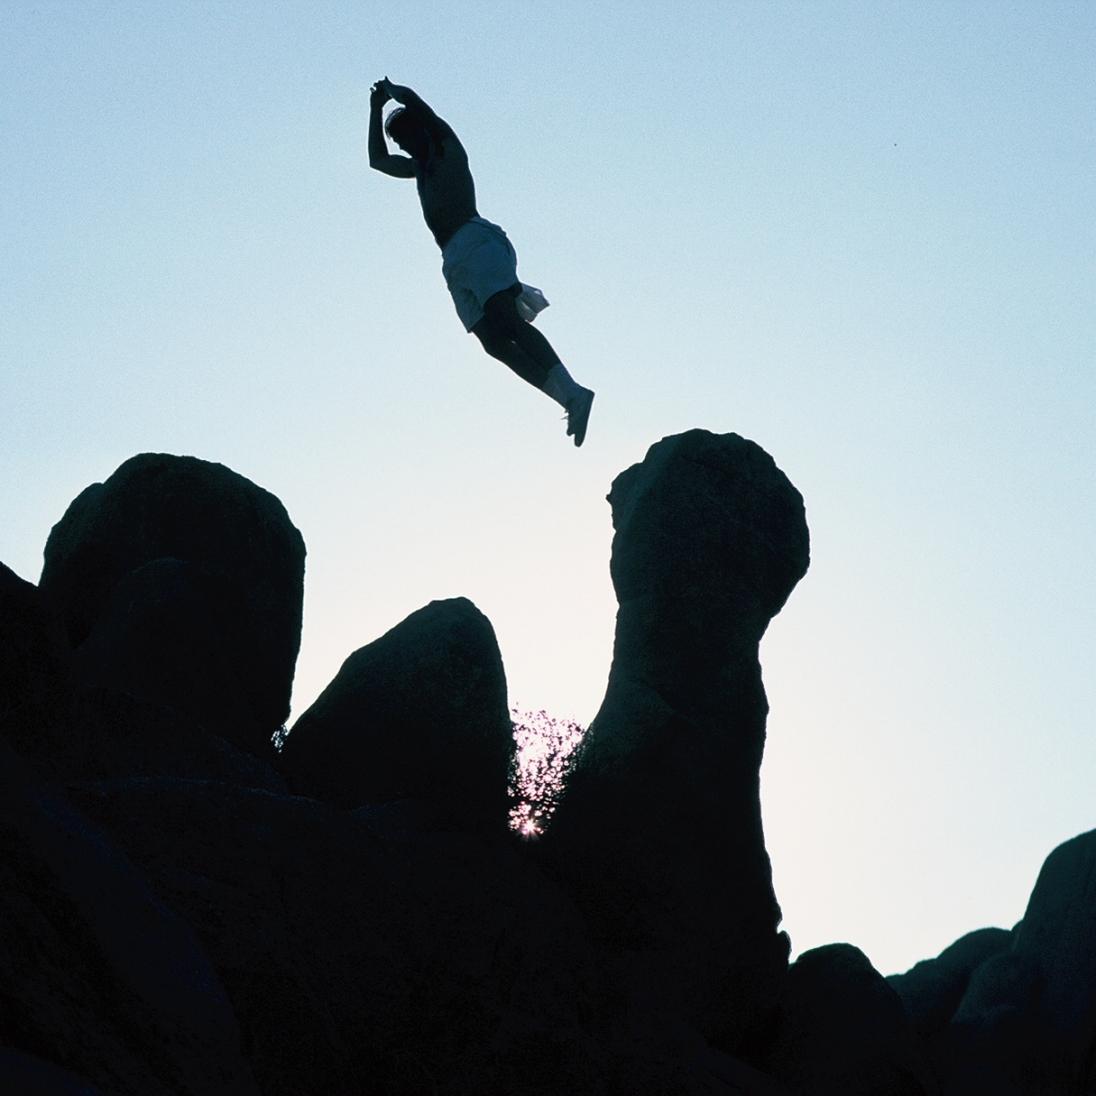 Rock Jumper by Ruth Nolan